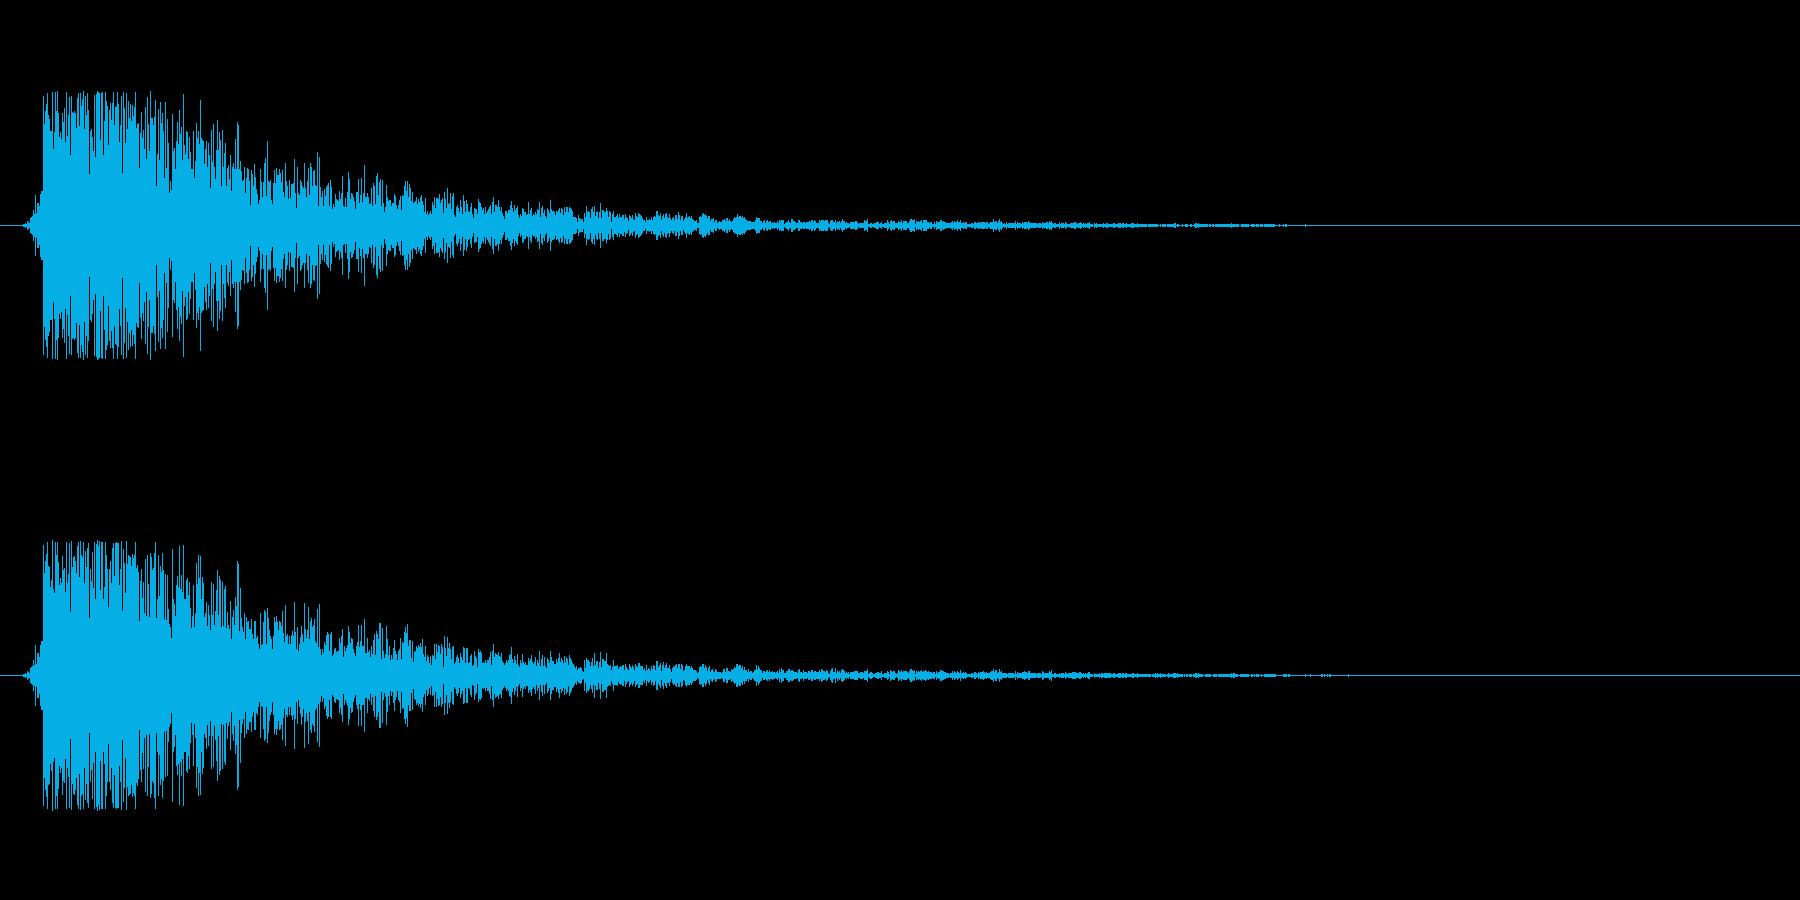 【大砲01-6】の再生済みの波形